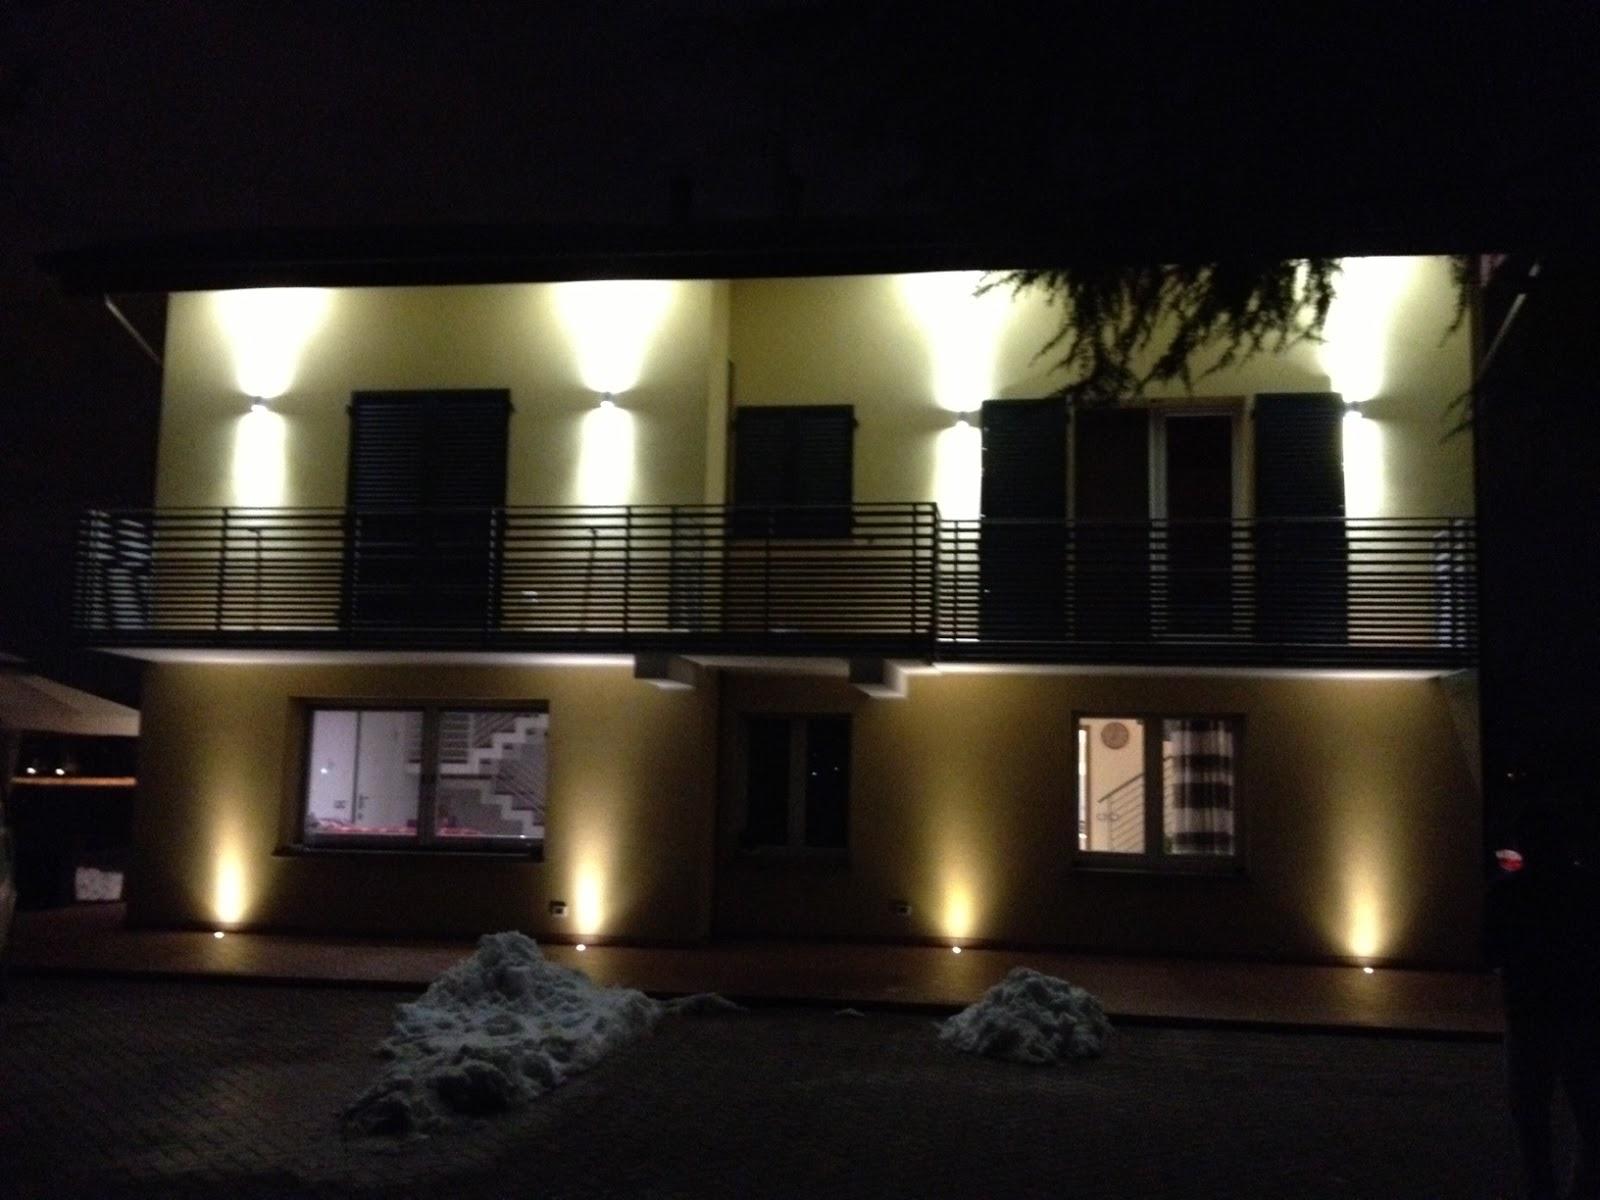 lampadari per esterni : Illuminazione Esterna Ikea : Illuminazione Esterna Ristorante: Nordic ...